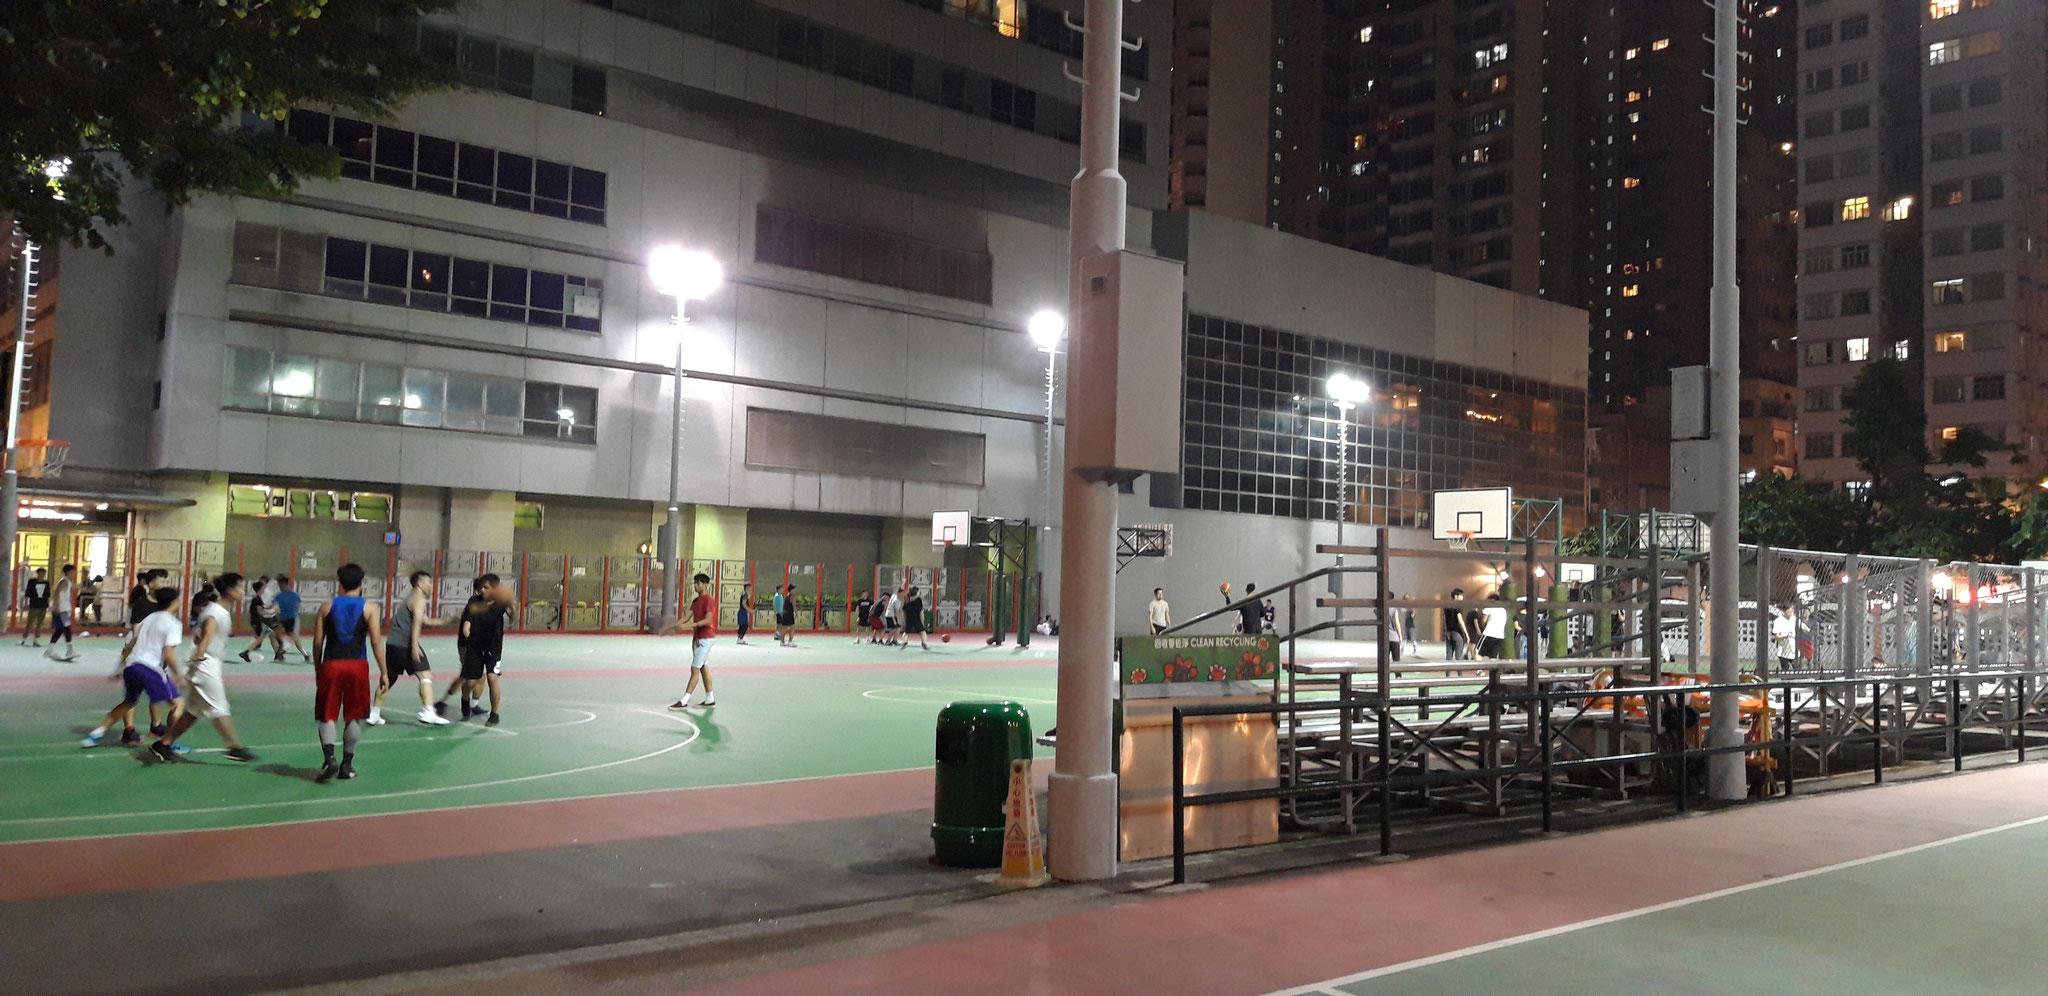 Sportplatz inmitten von Wan Chais Towern